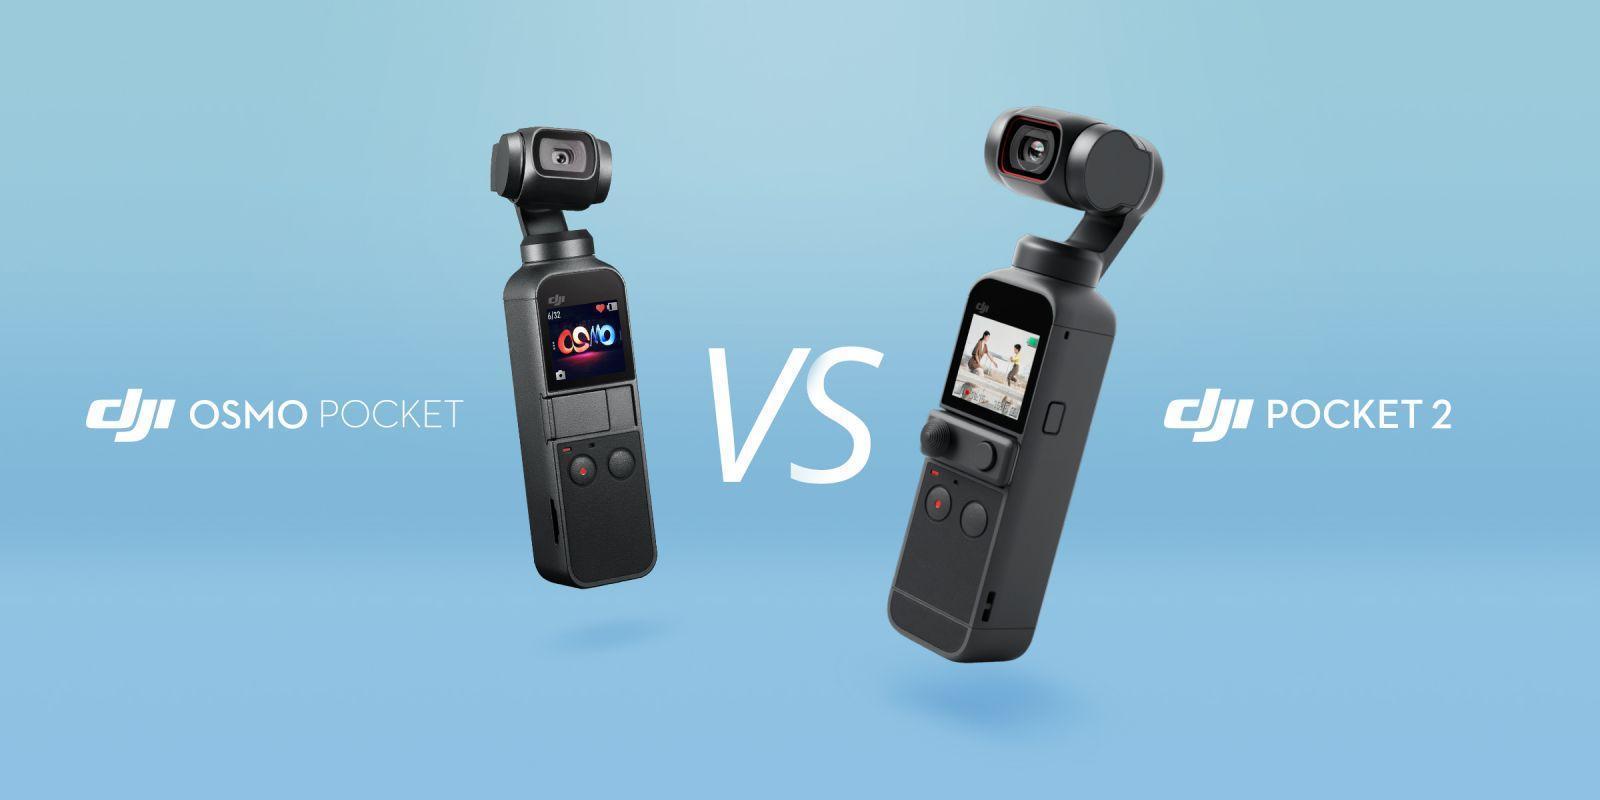 DJI выпустила Pocket 2 официально (1013 OP VS OP2)